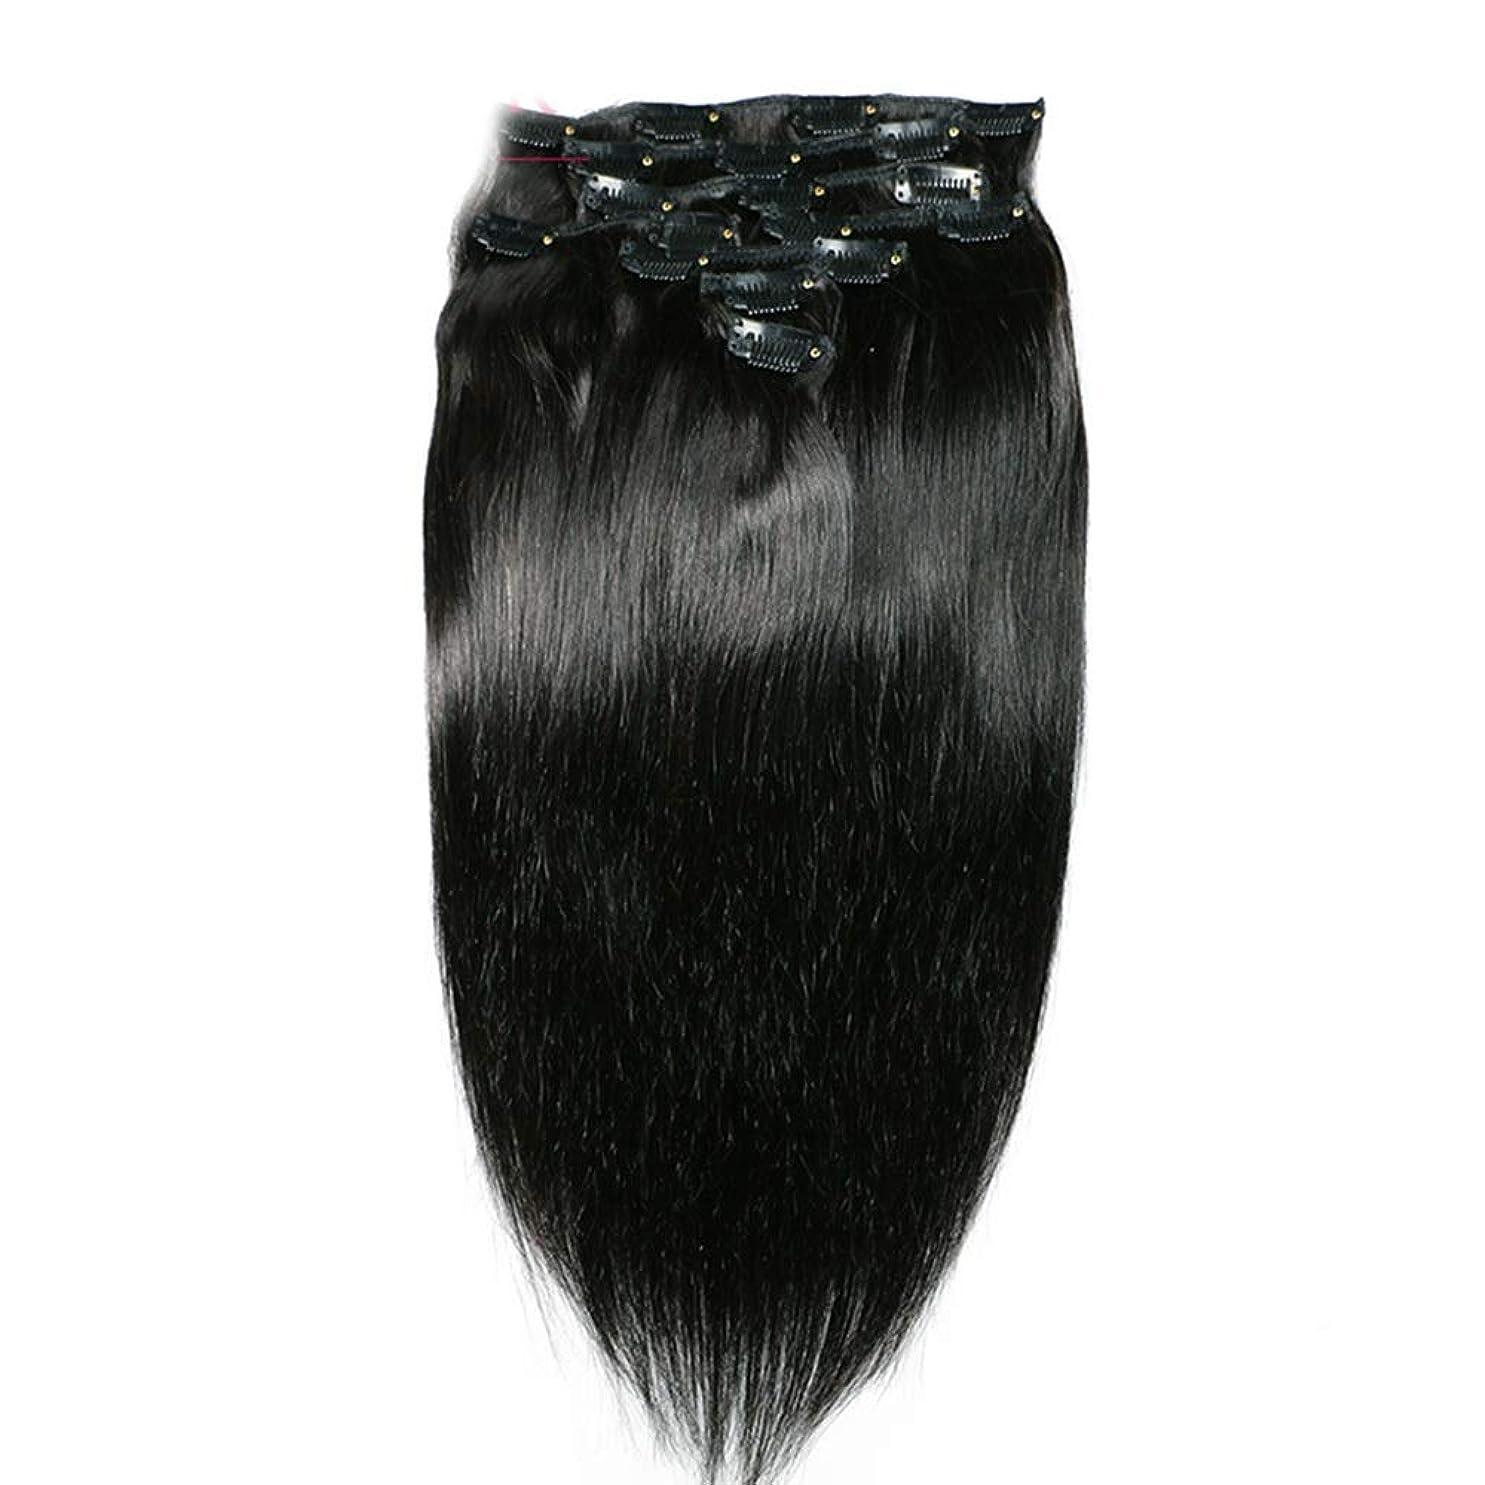 処理する治療解読するHOHYLLYA ヘアエクステンションクリップ人間の髪の毛のremyフルヘッドダブル横糸ストレートヘアピースナチュラルブラックコンポジットヘアレースかつらロールプレイングウィッグロングとショートの女性自然 (色 : 黒, サイズ : 18 inch)